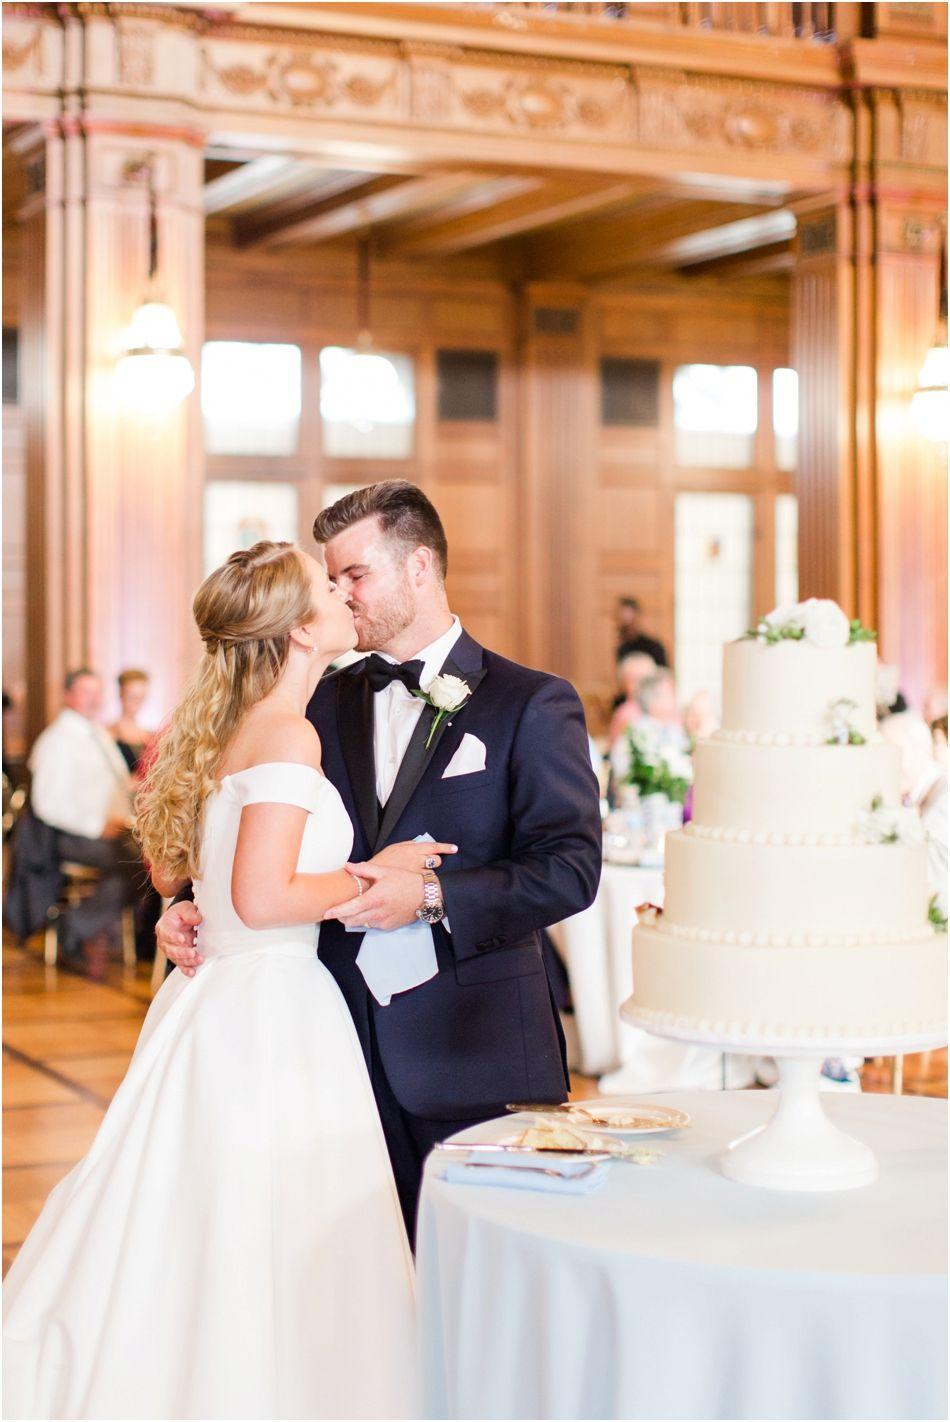 Westfield wedding dress  Scottish Rite Cathedral Wedding Scottish Rite Events Scottish Rite